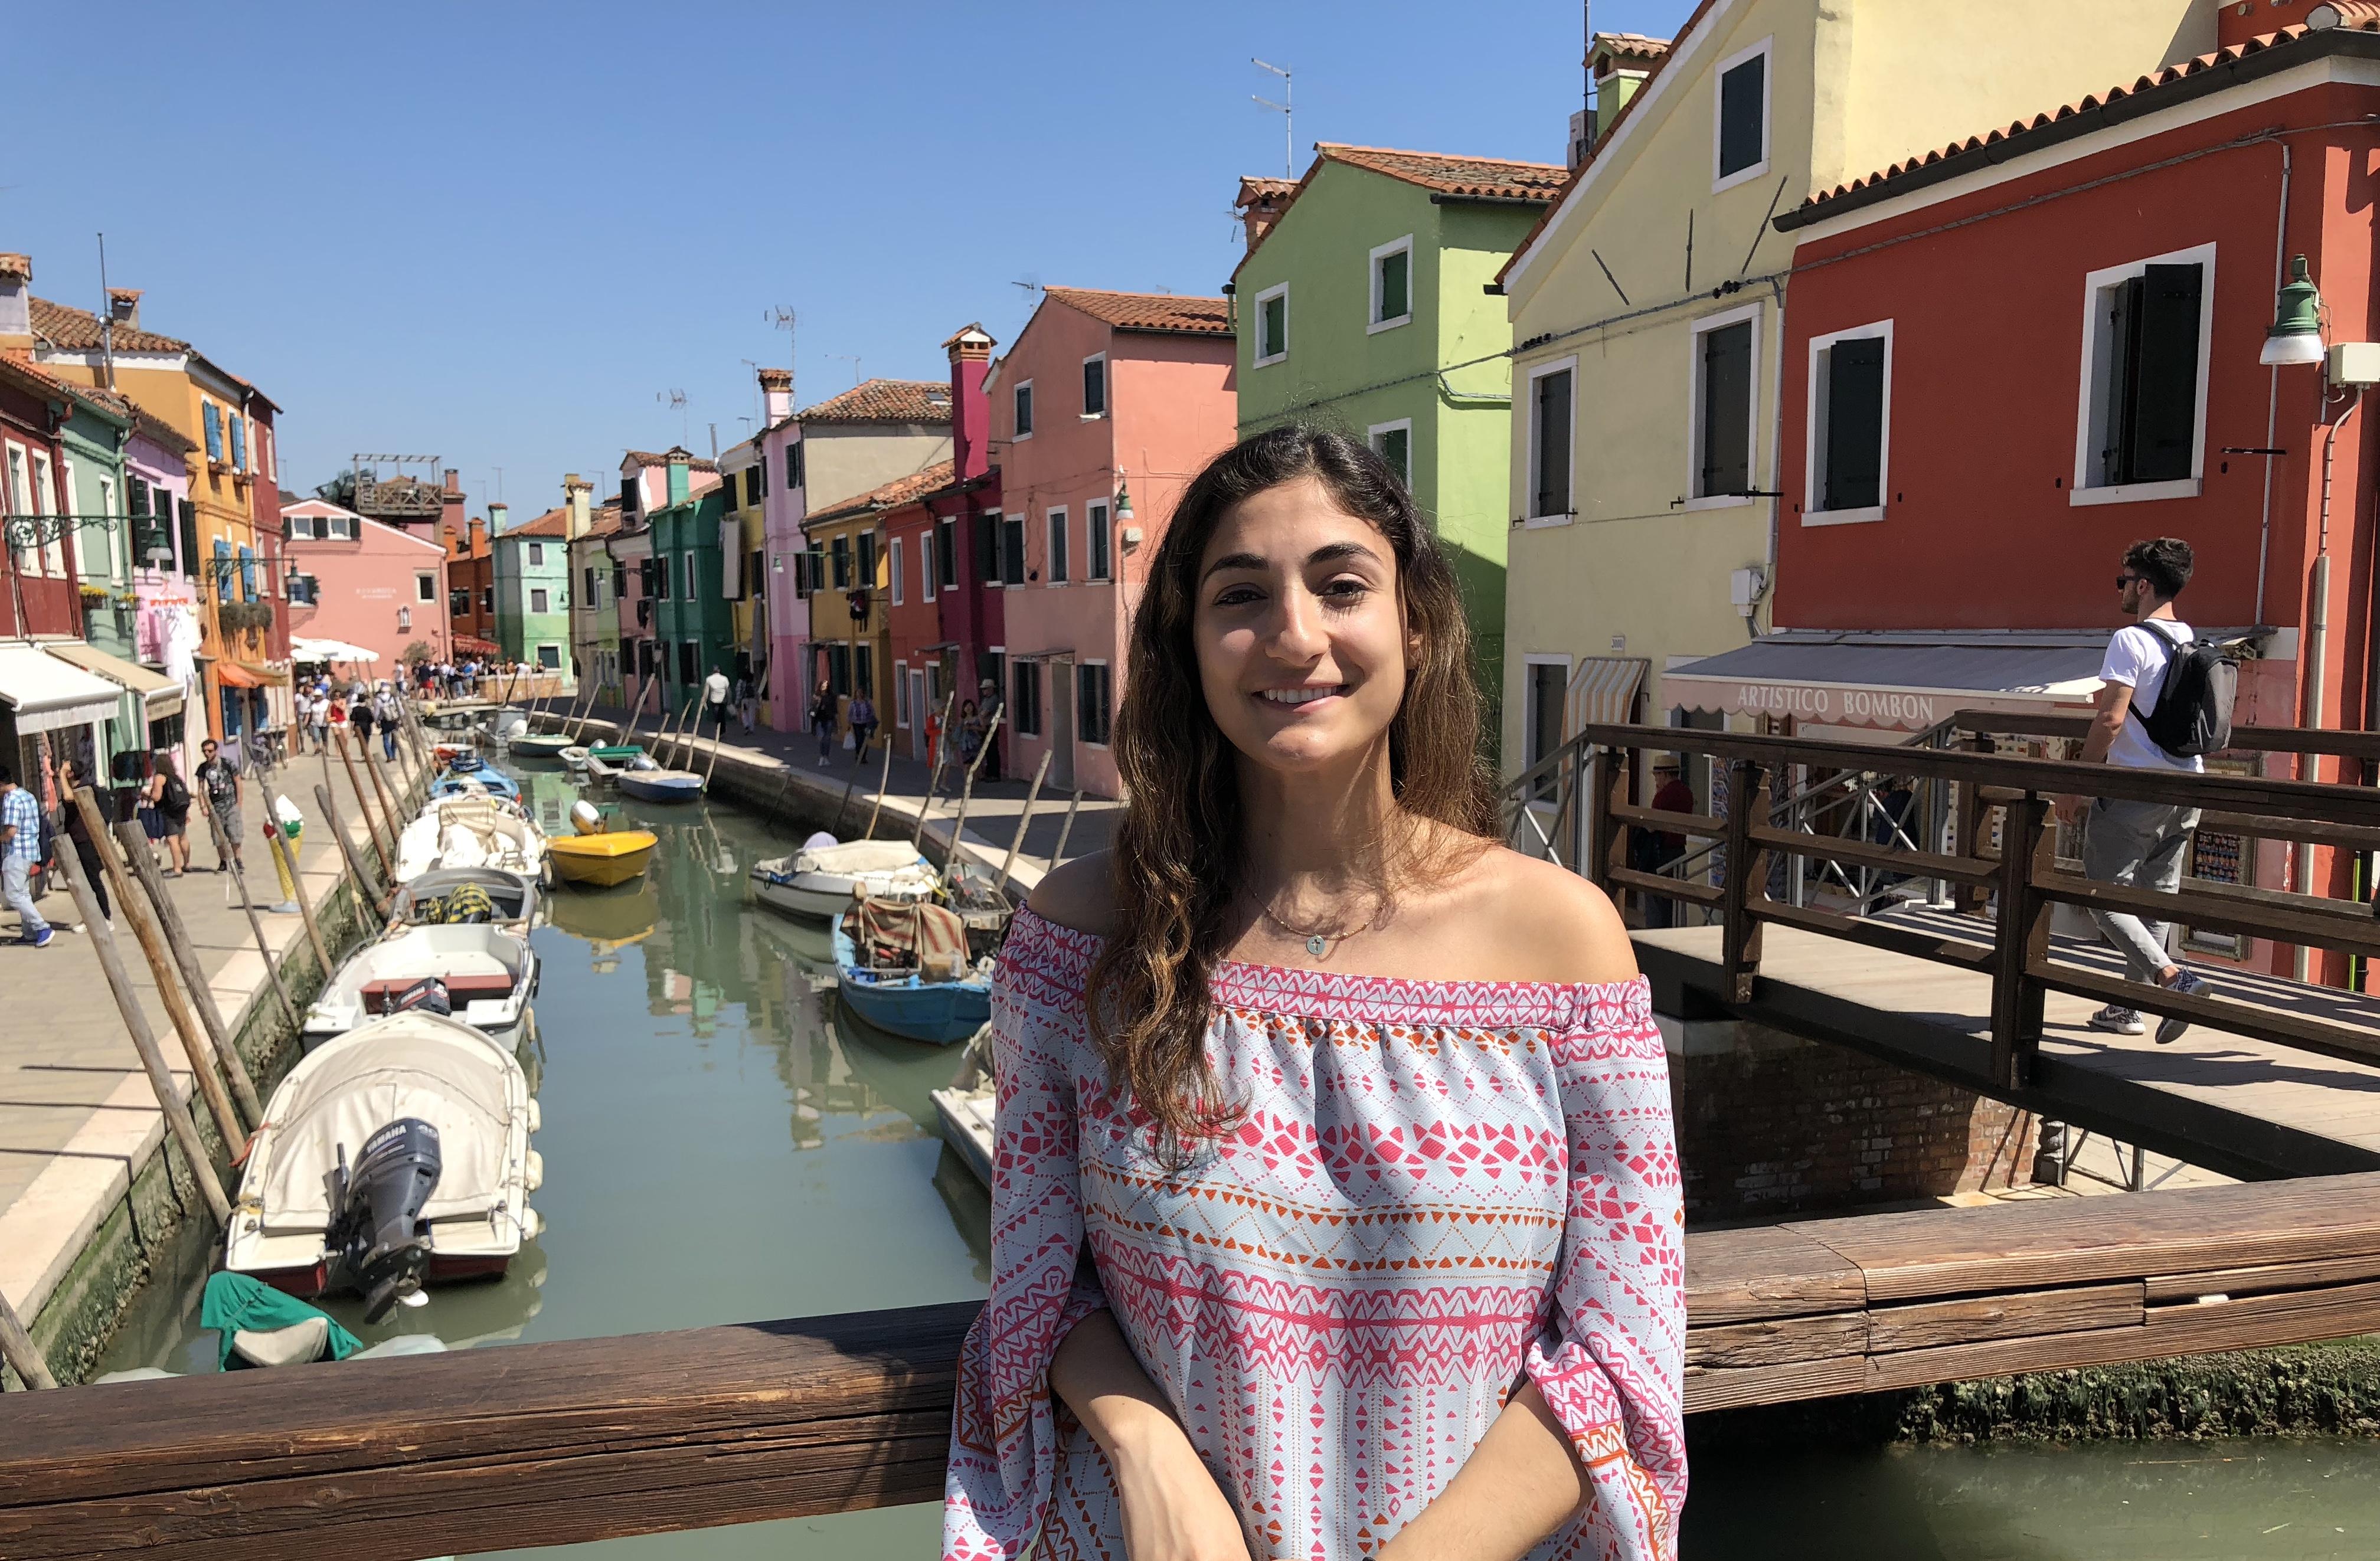 Jenna Abi-Mansour